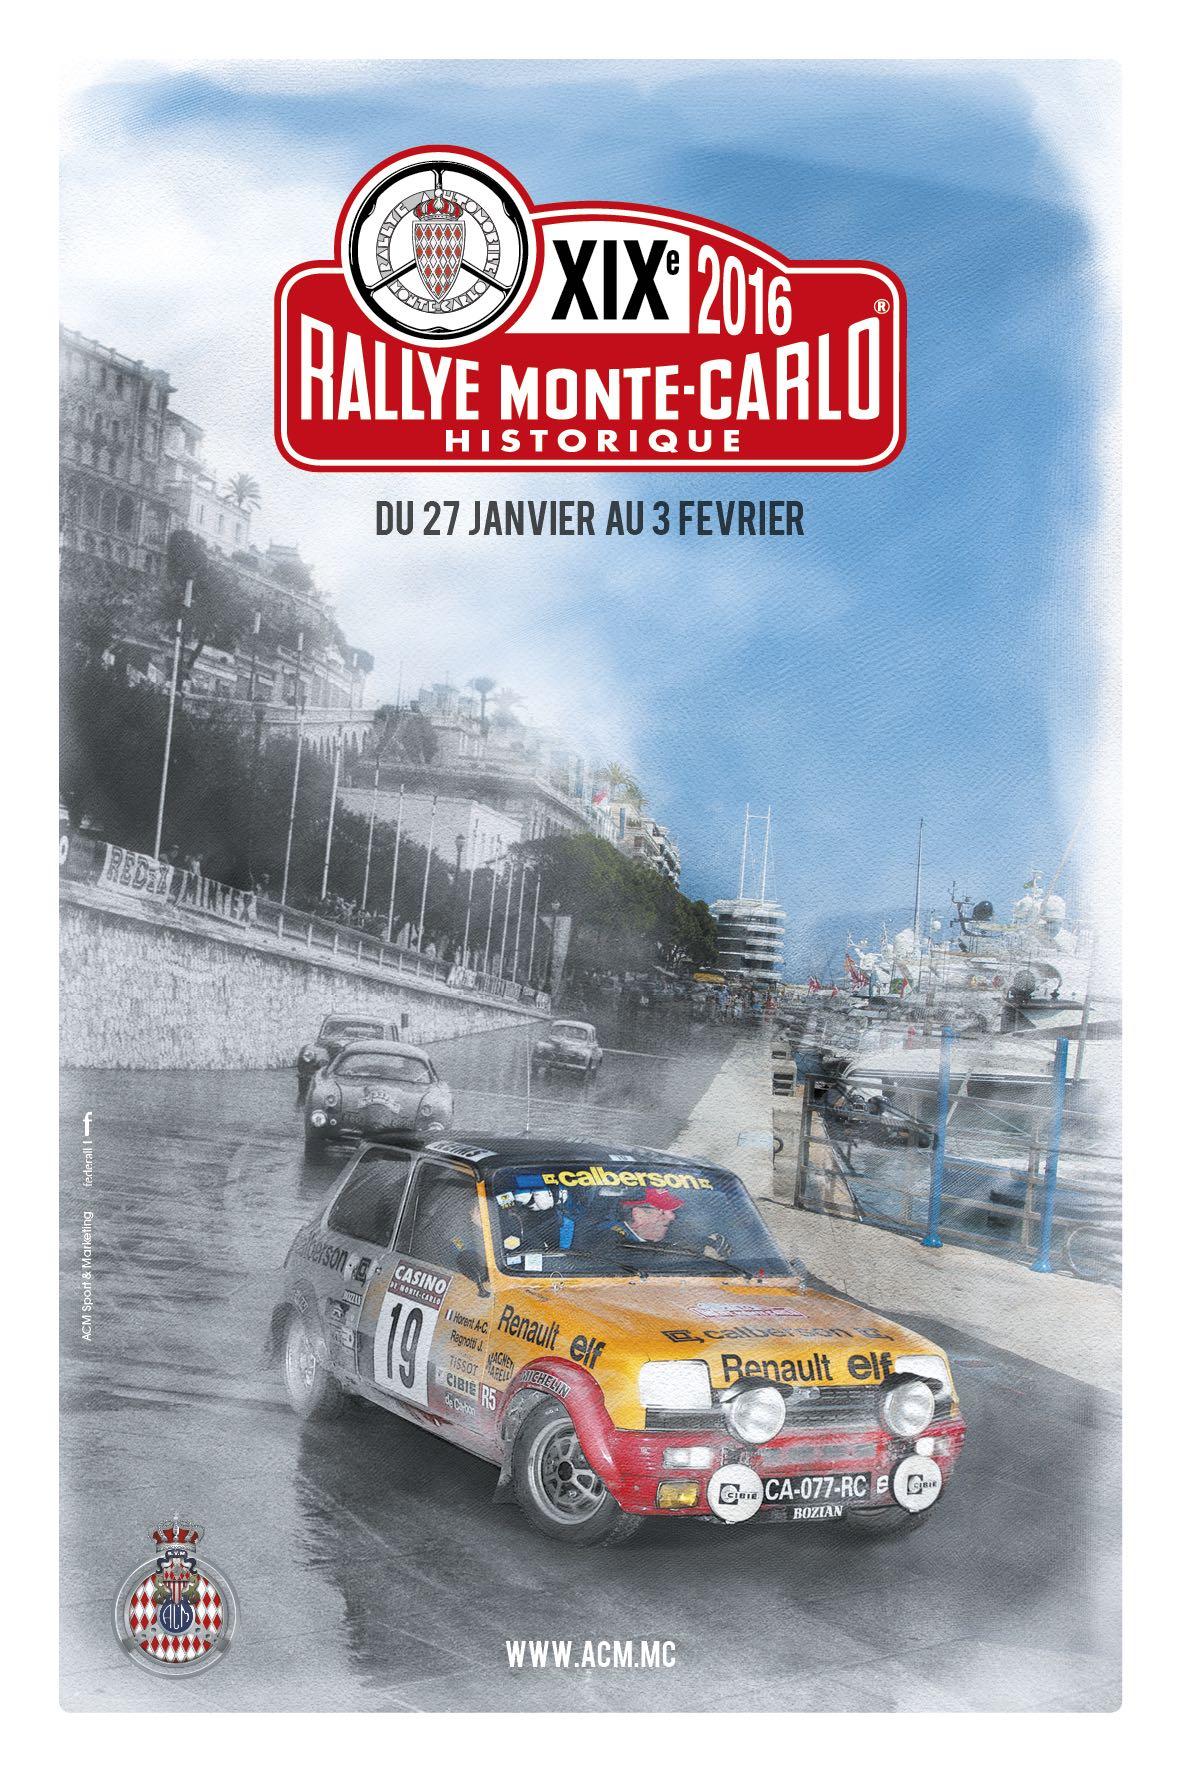 Minispares-Monte-Carlo-2016-logo